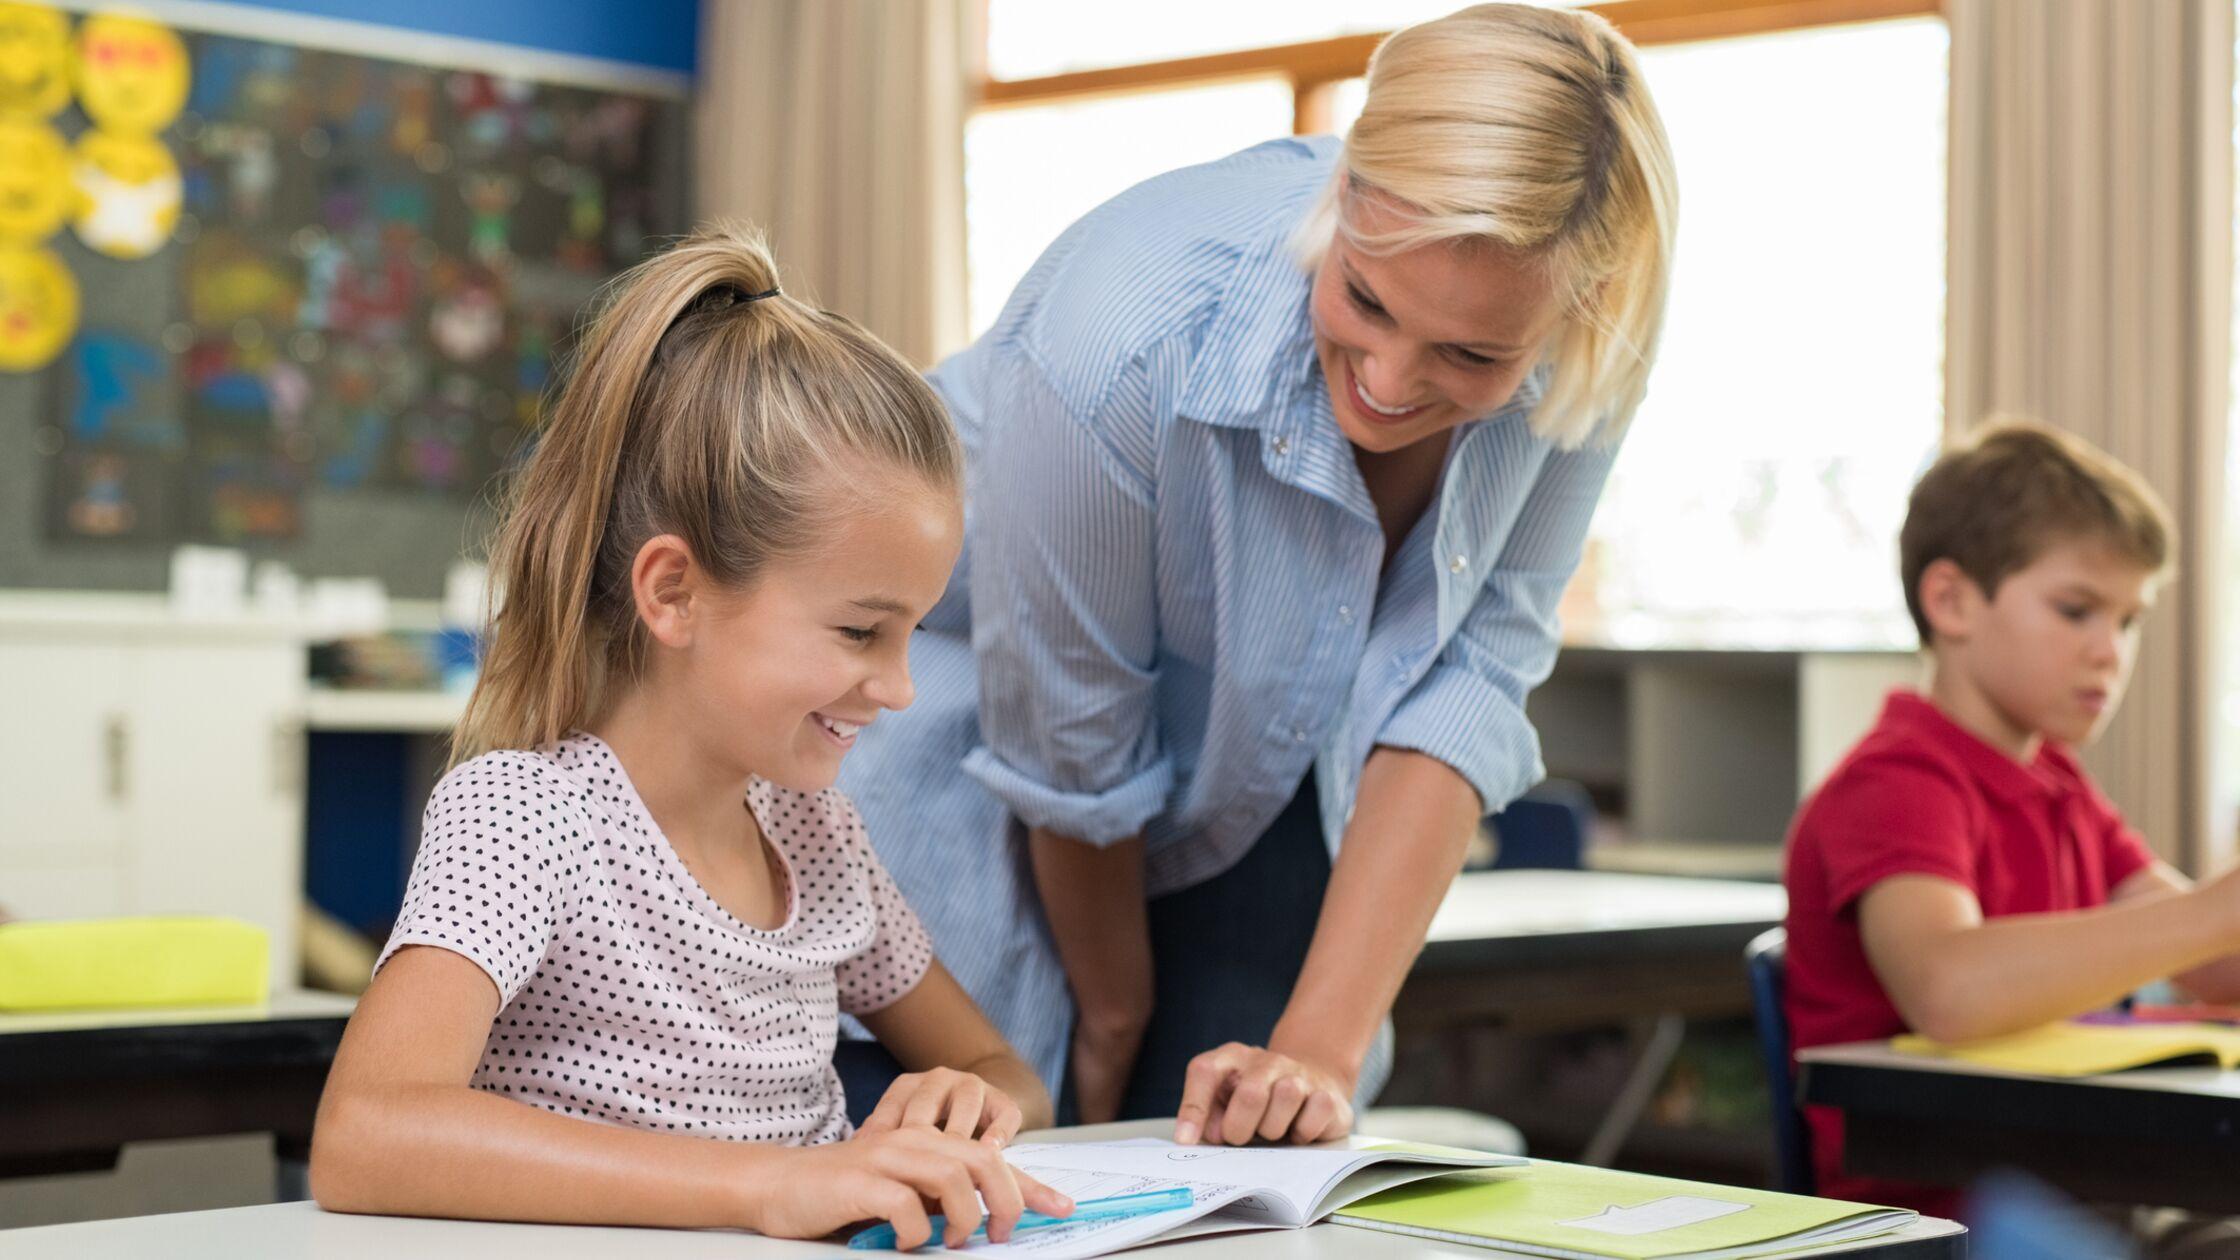 Lehrerin erklärt Schülerin Aufgabe aus dem Lehrplan im Bundesland